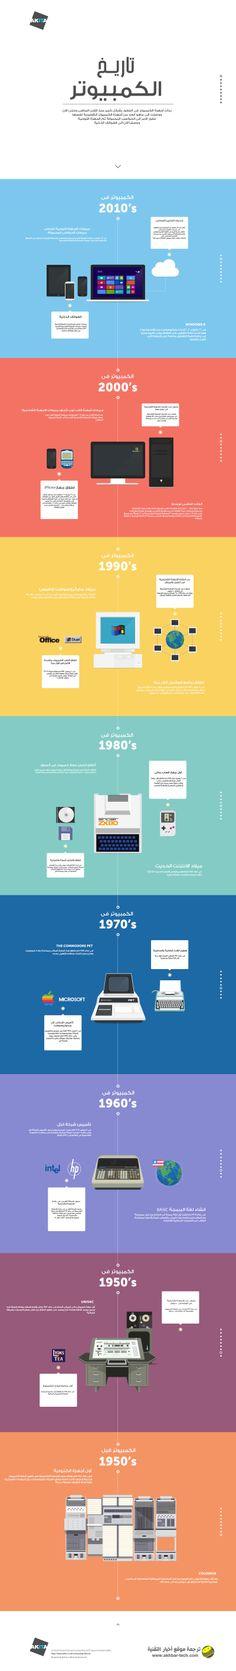 تاريخ الكمبيوتر  التفاصيل الكاملة : http://www.akhbar-tech.com/6365/Computer-History